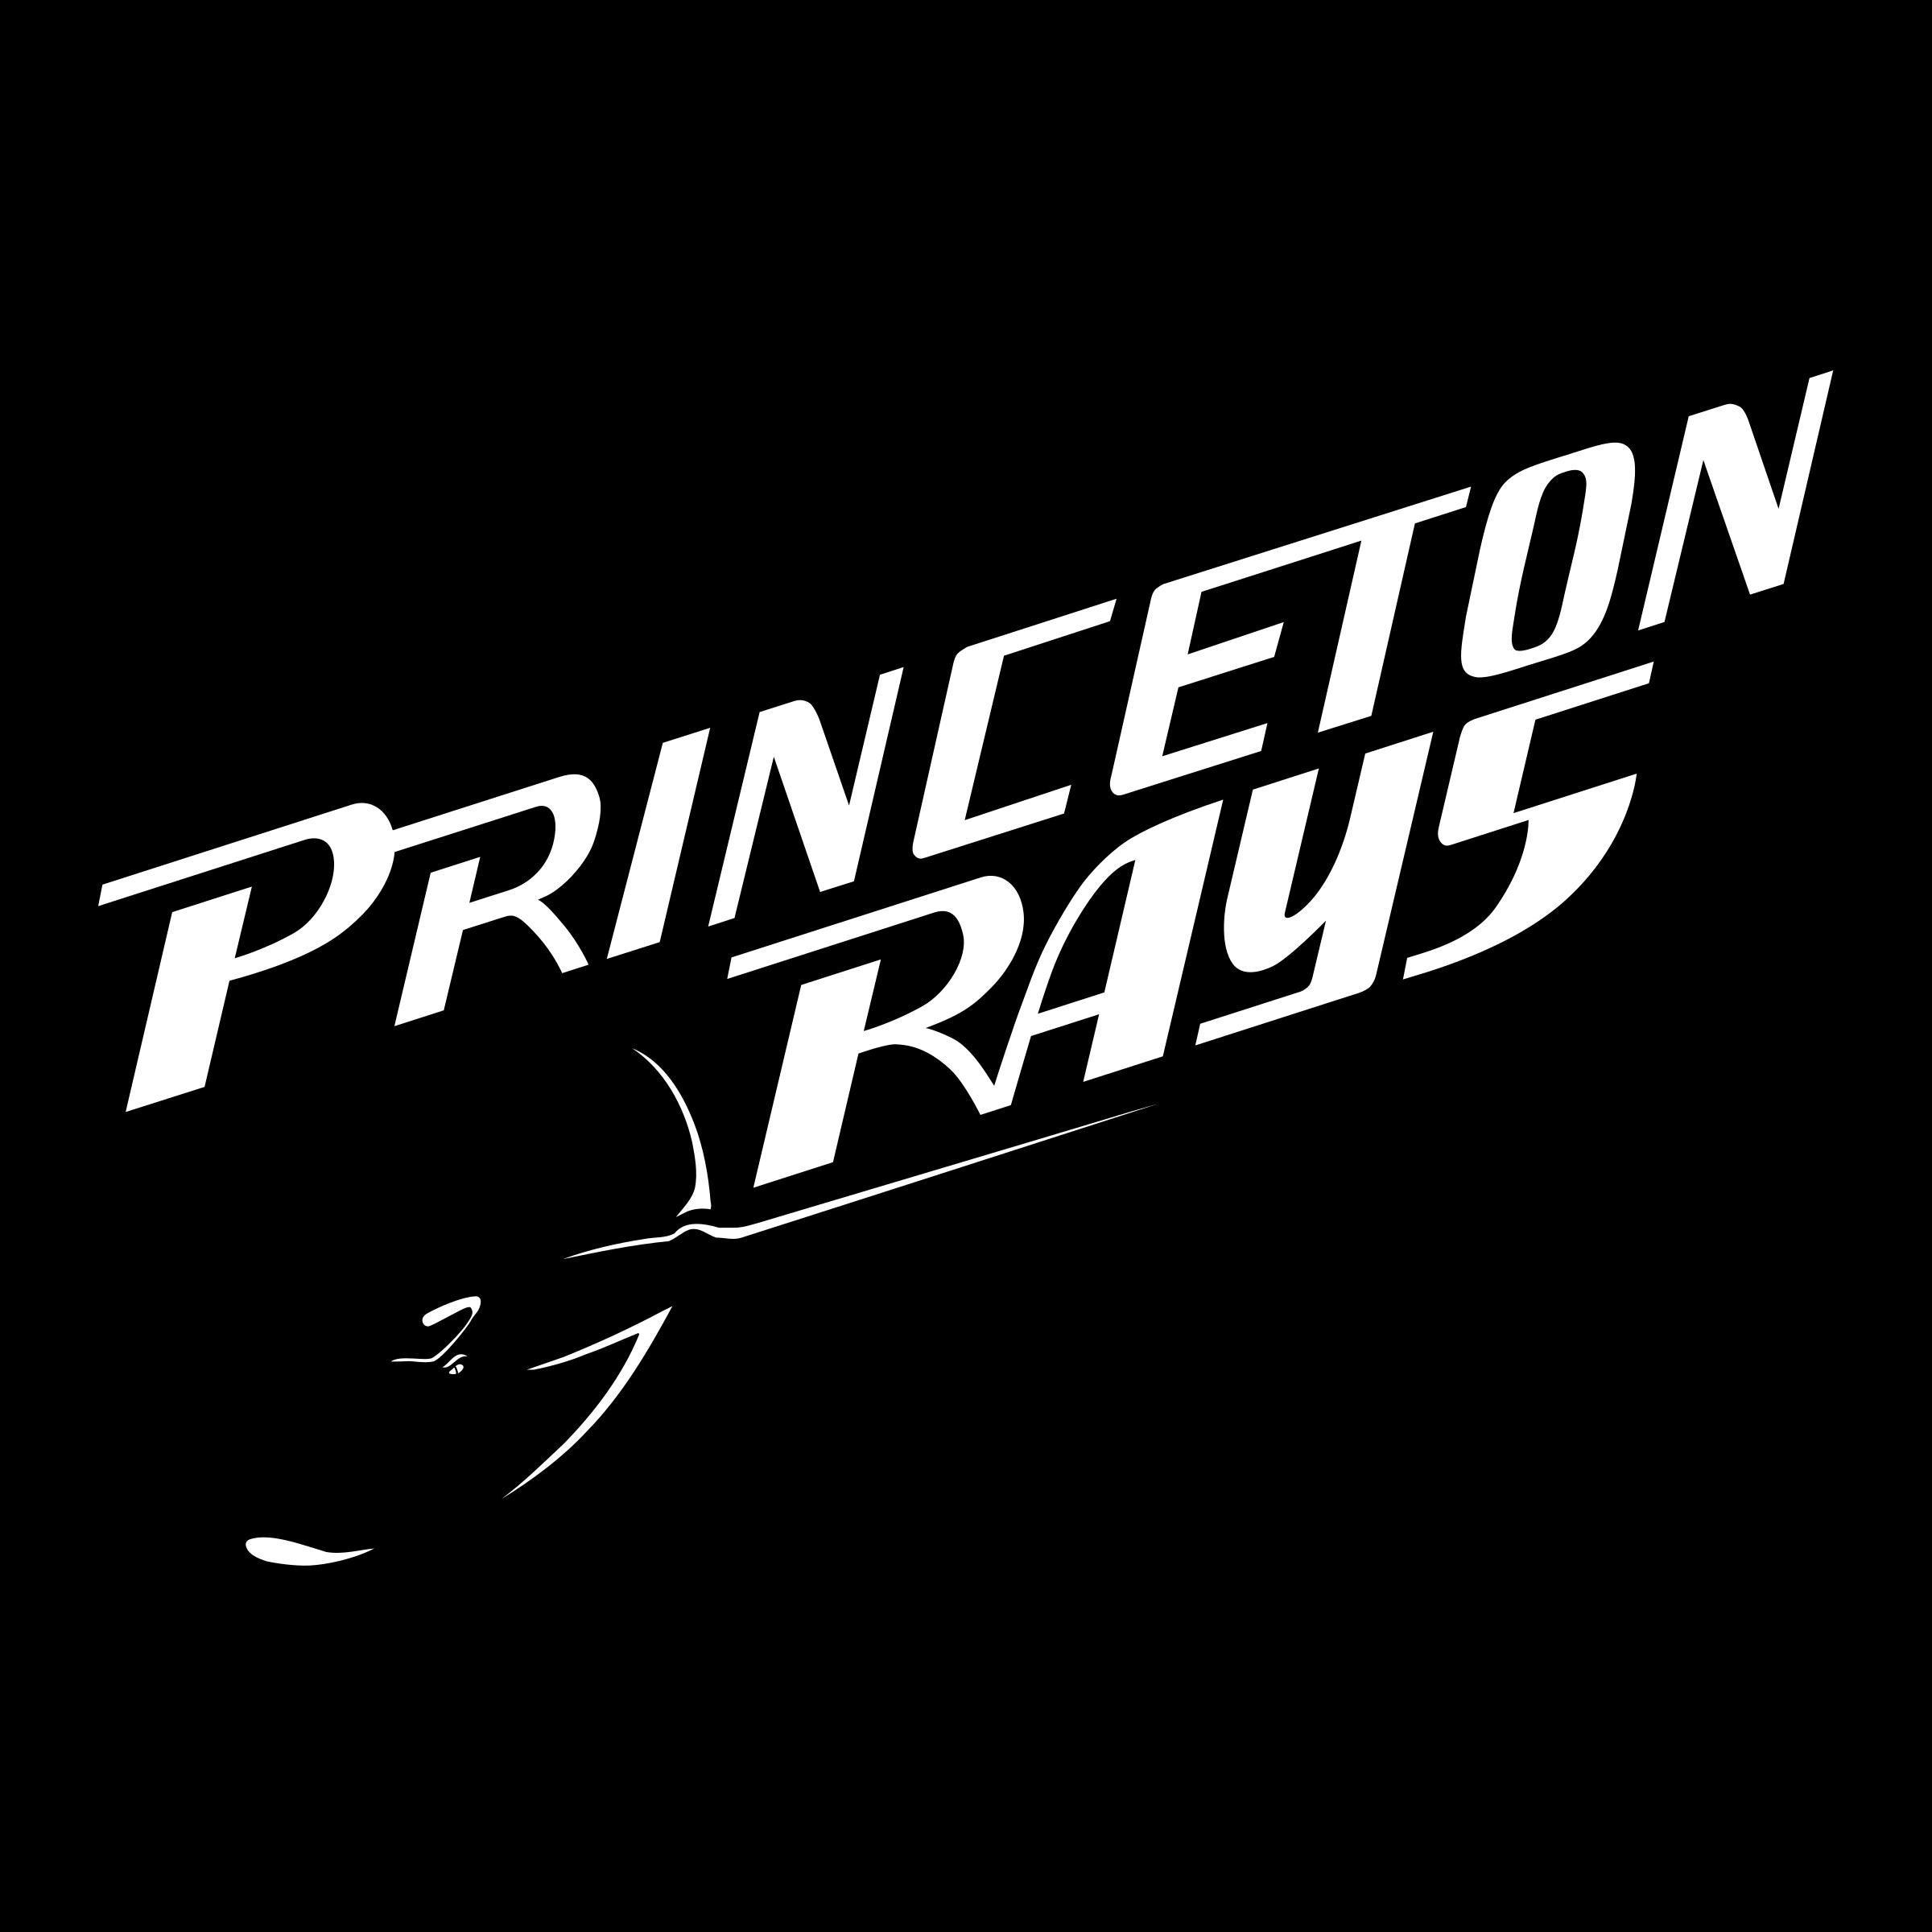 Princeton Devil Rays Logo PNG Transparent & SVG Vector.